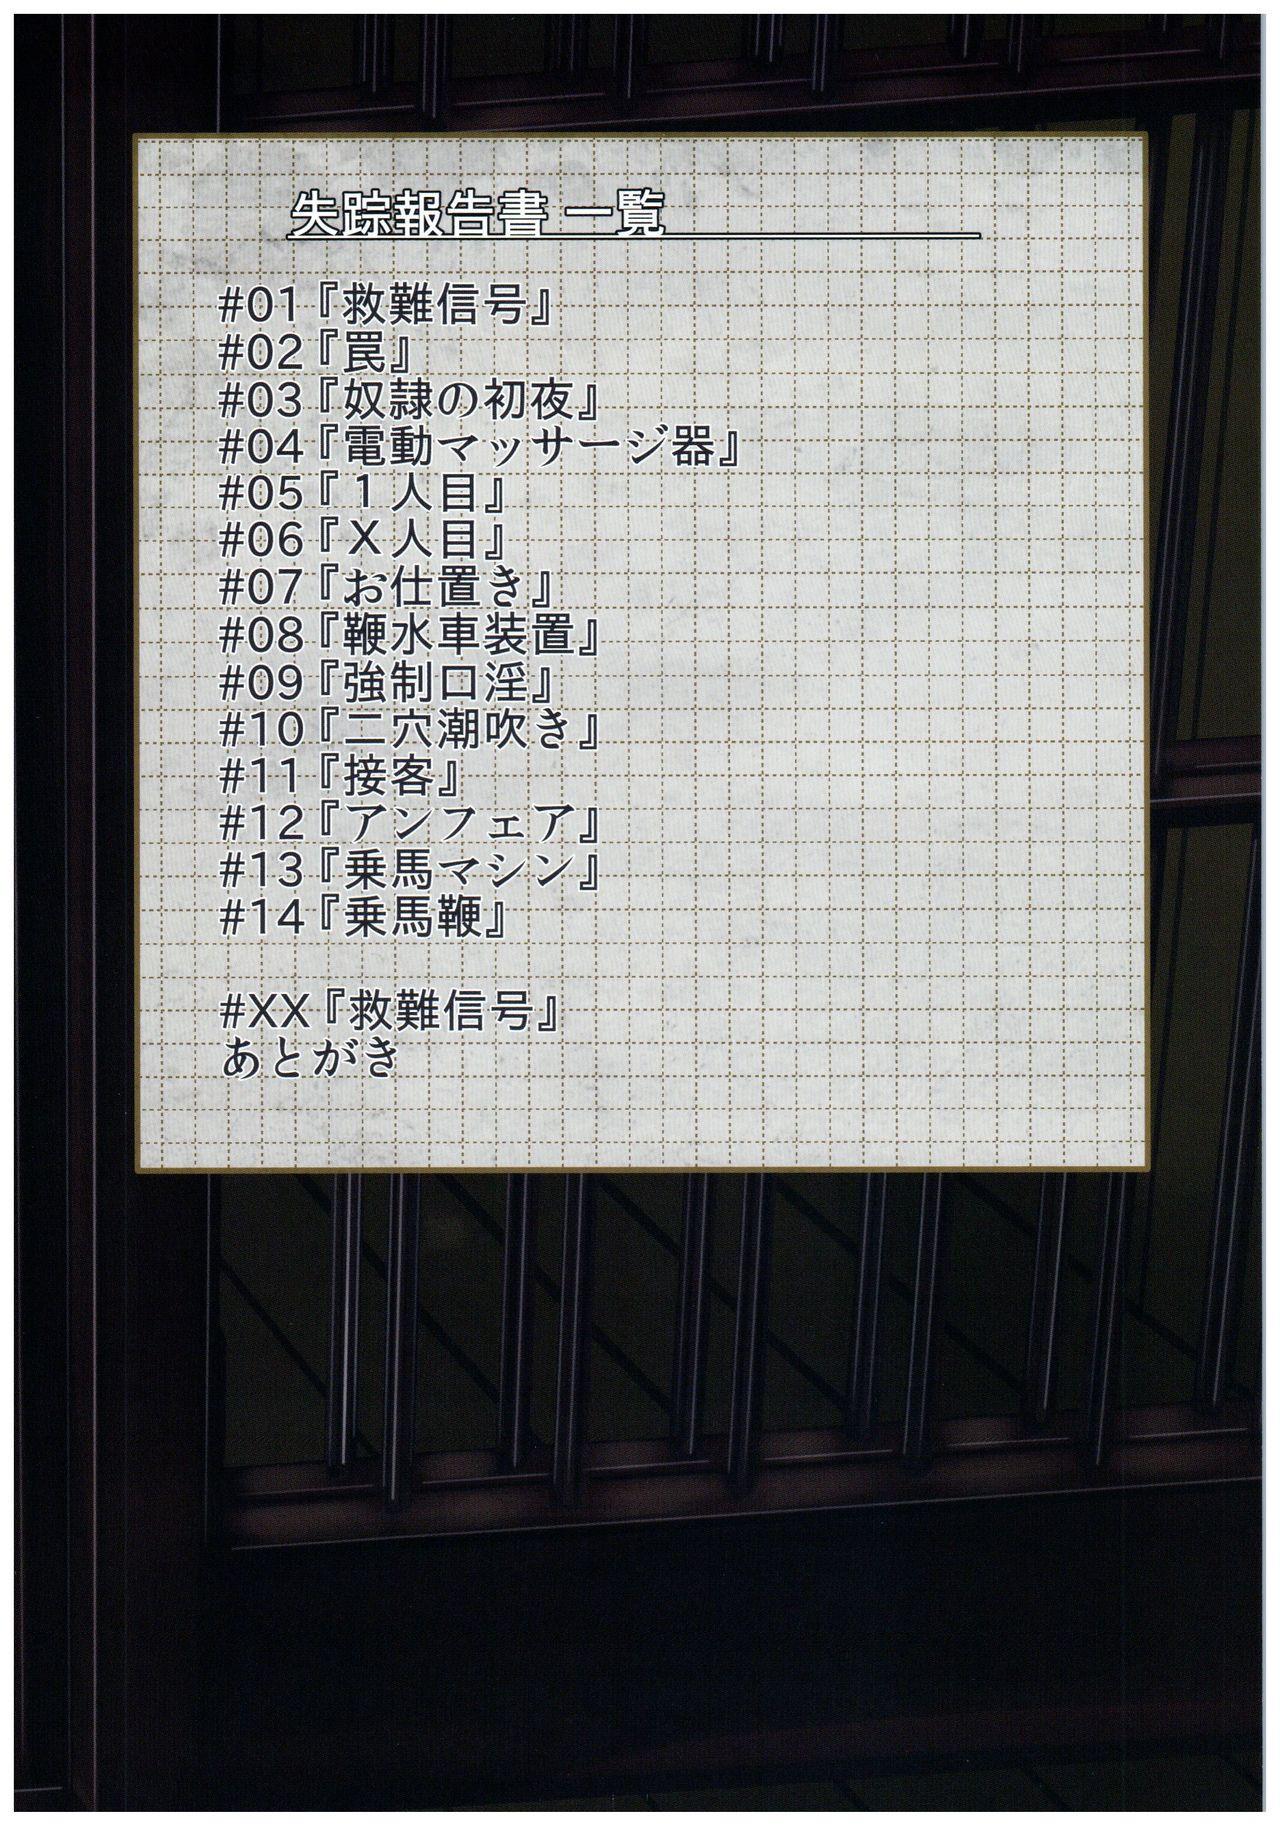 Kuchikukan Ushio Shissou Houkokusho 1